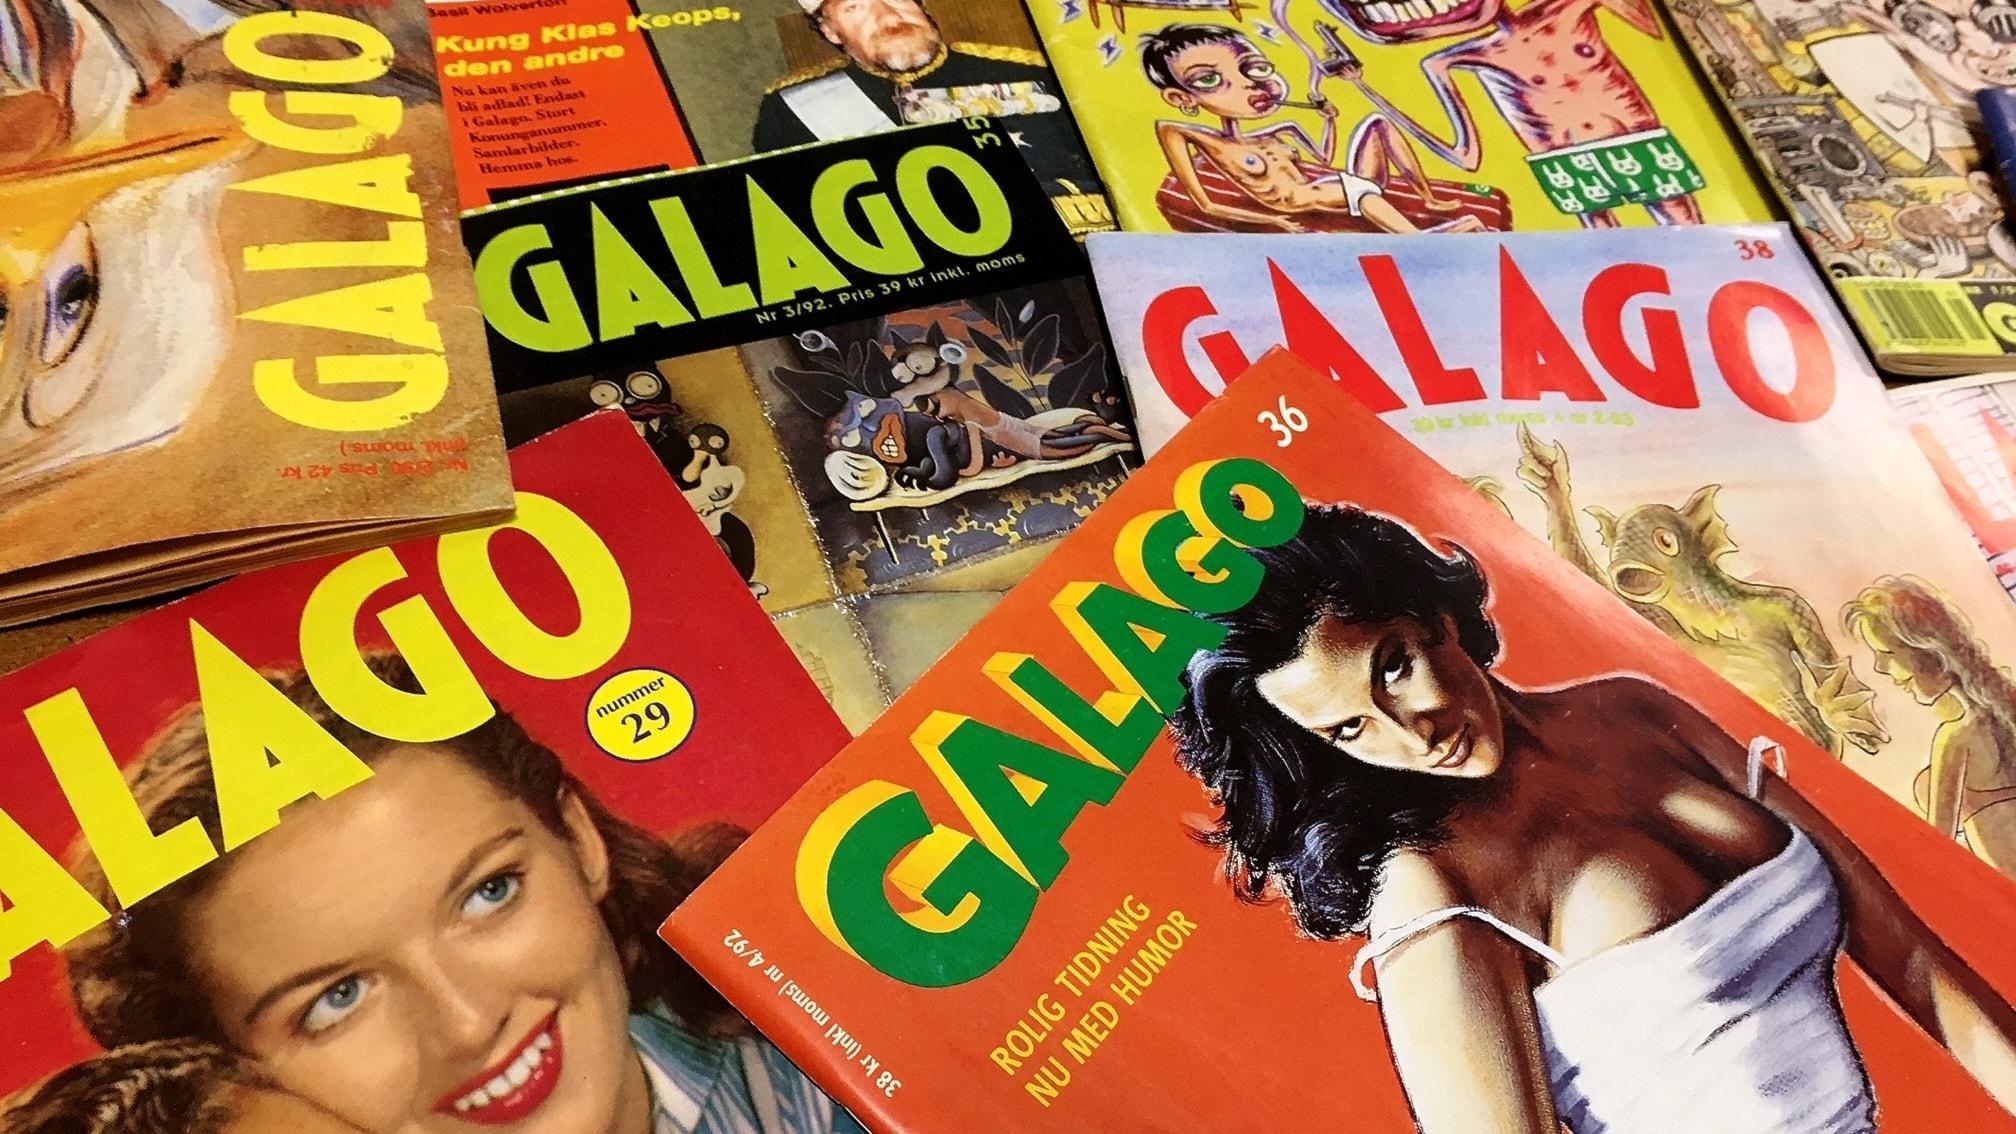 Om Galago